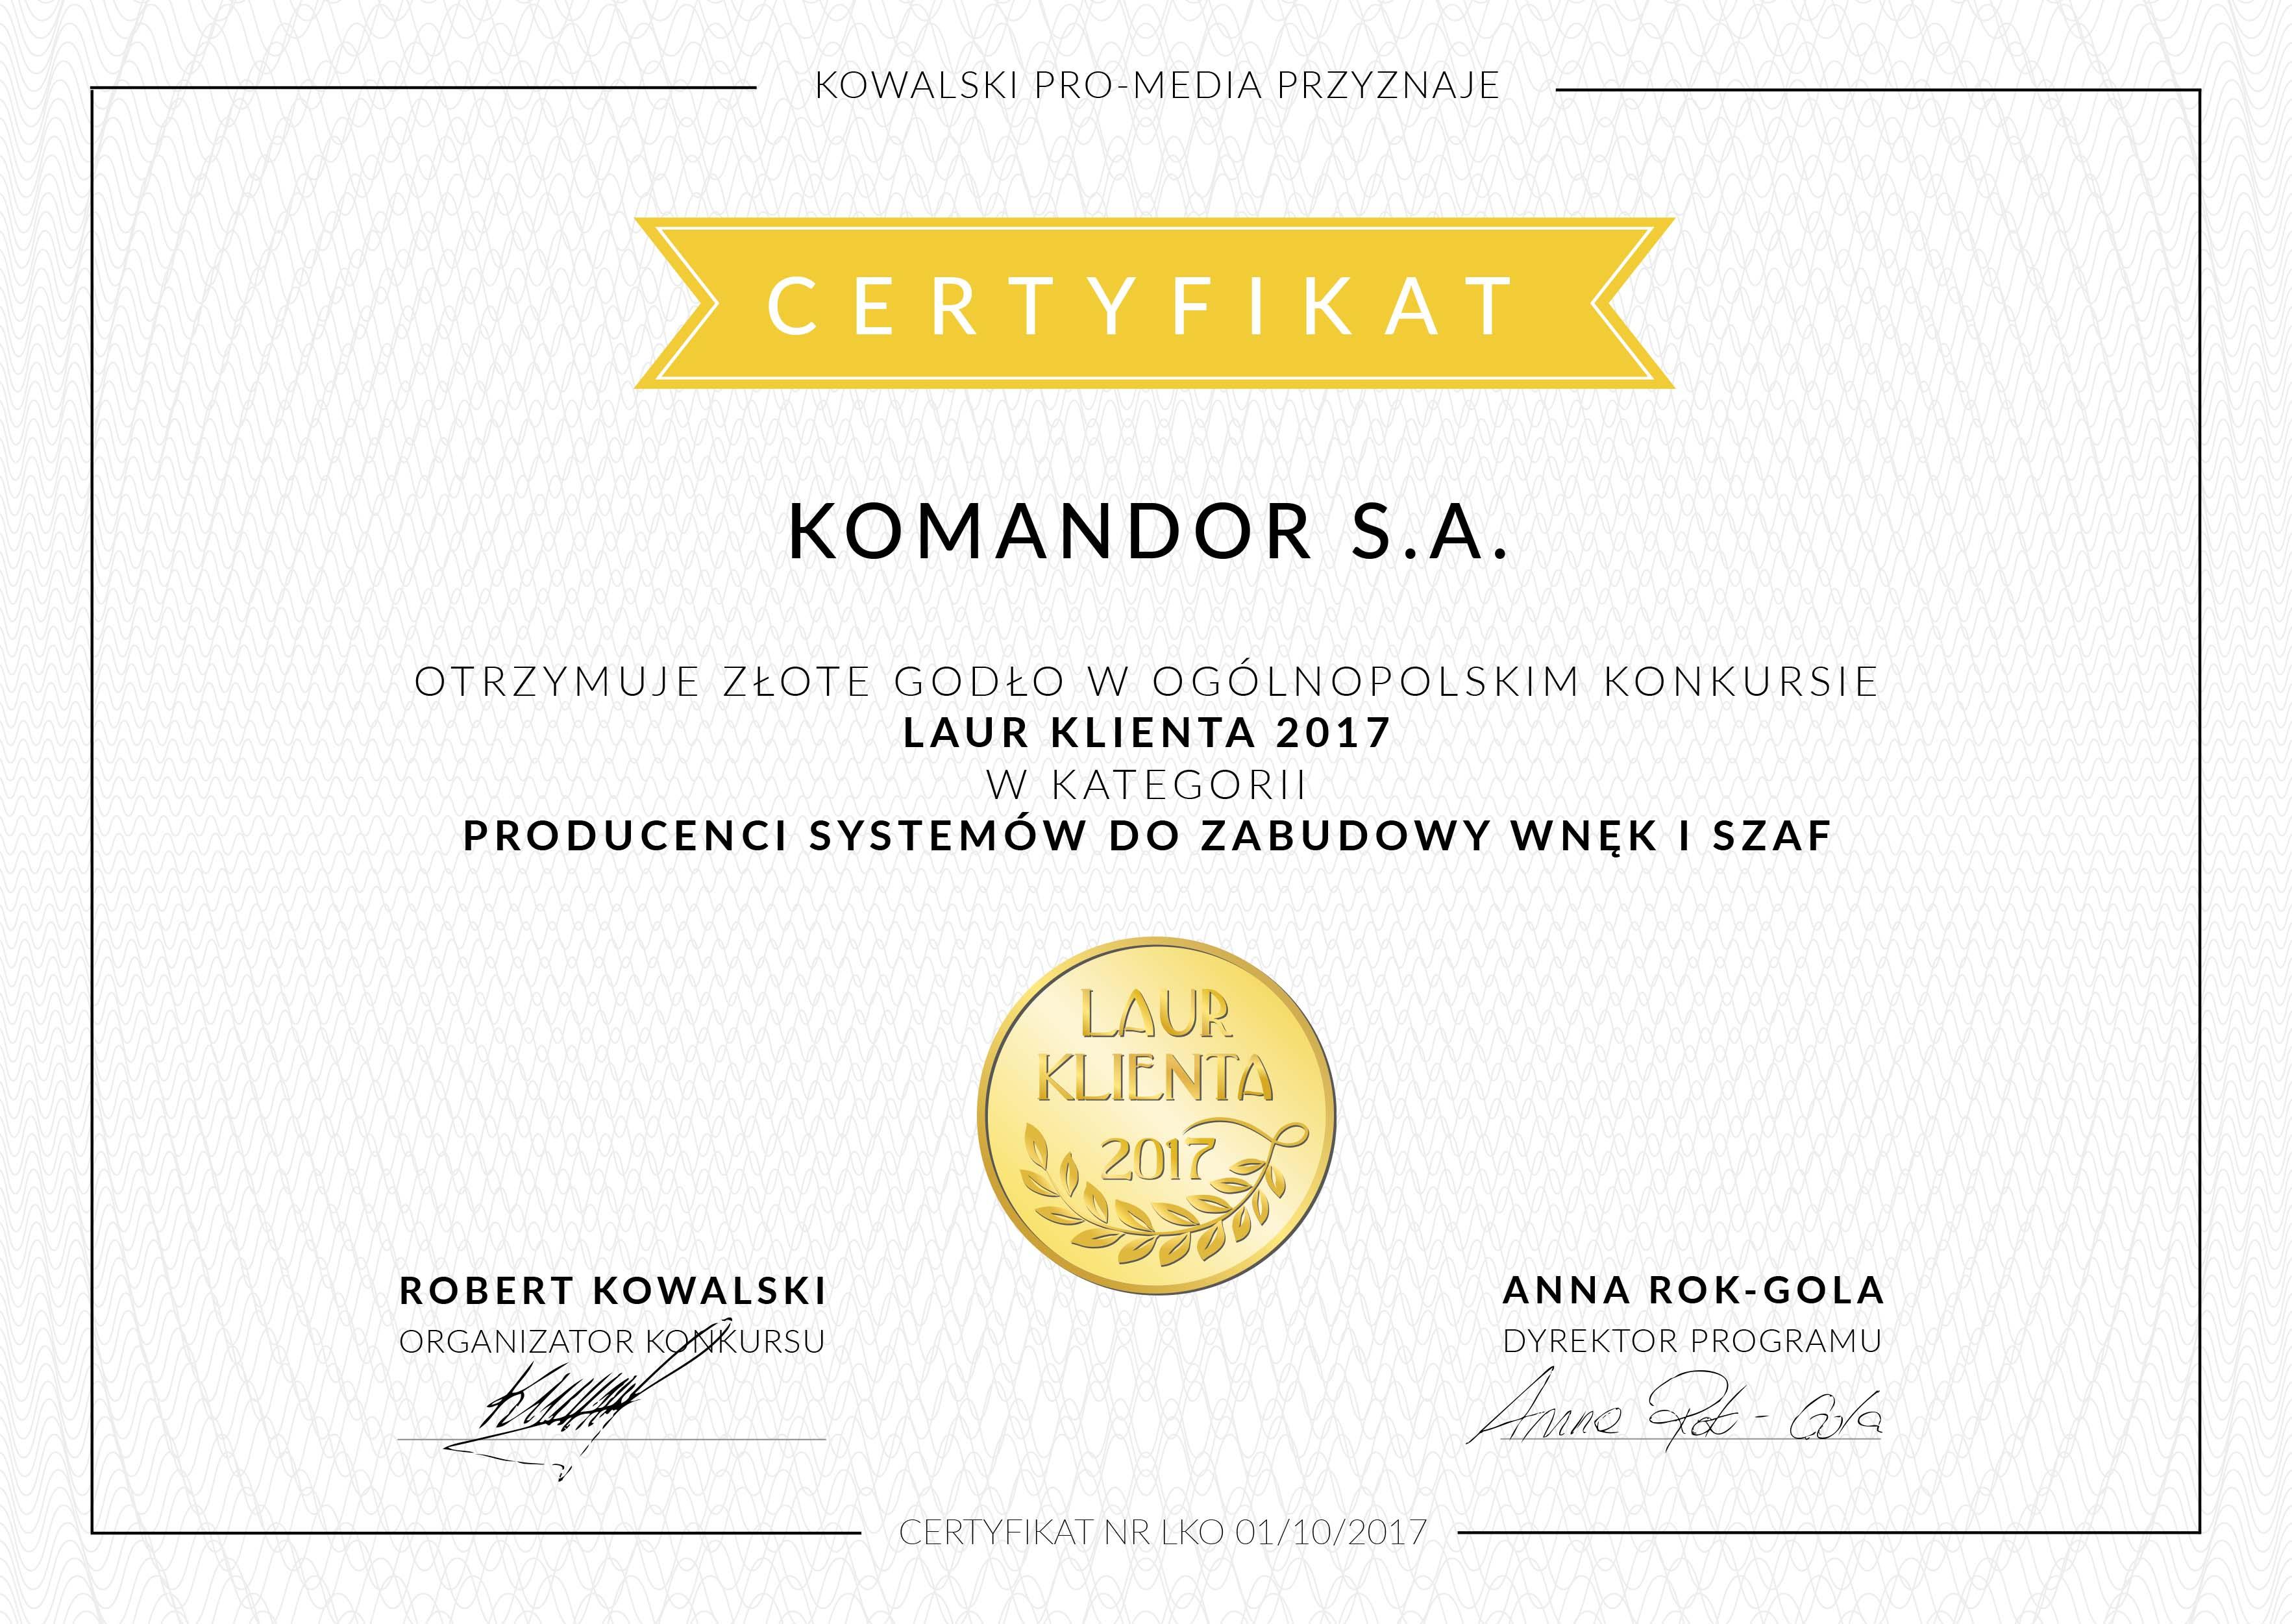 zlotyKlientaKomandor